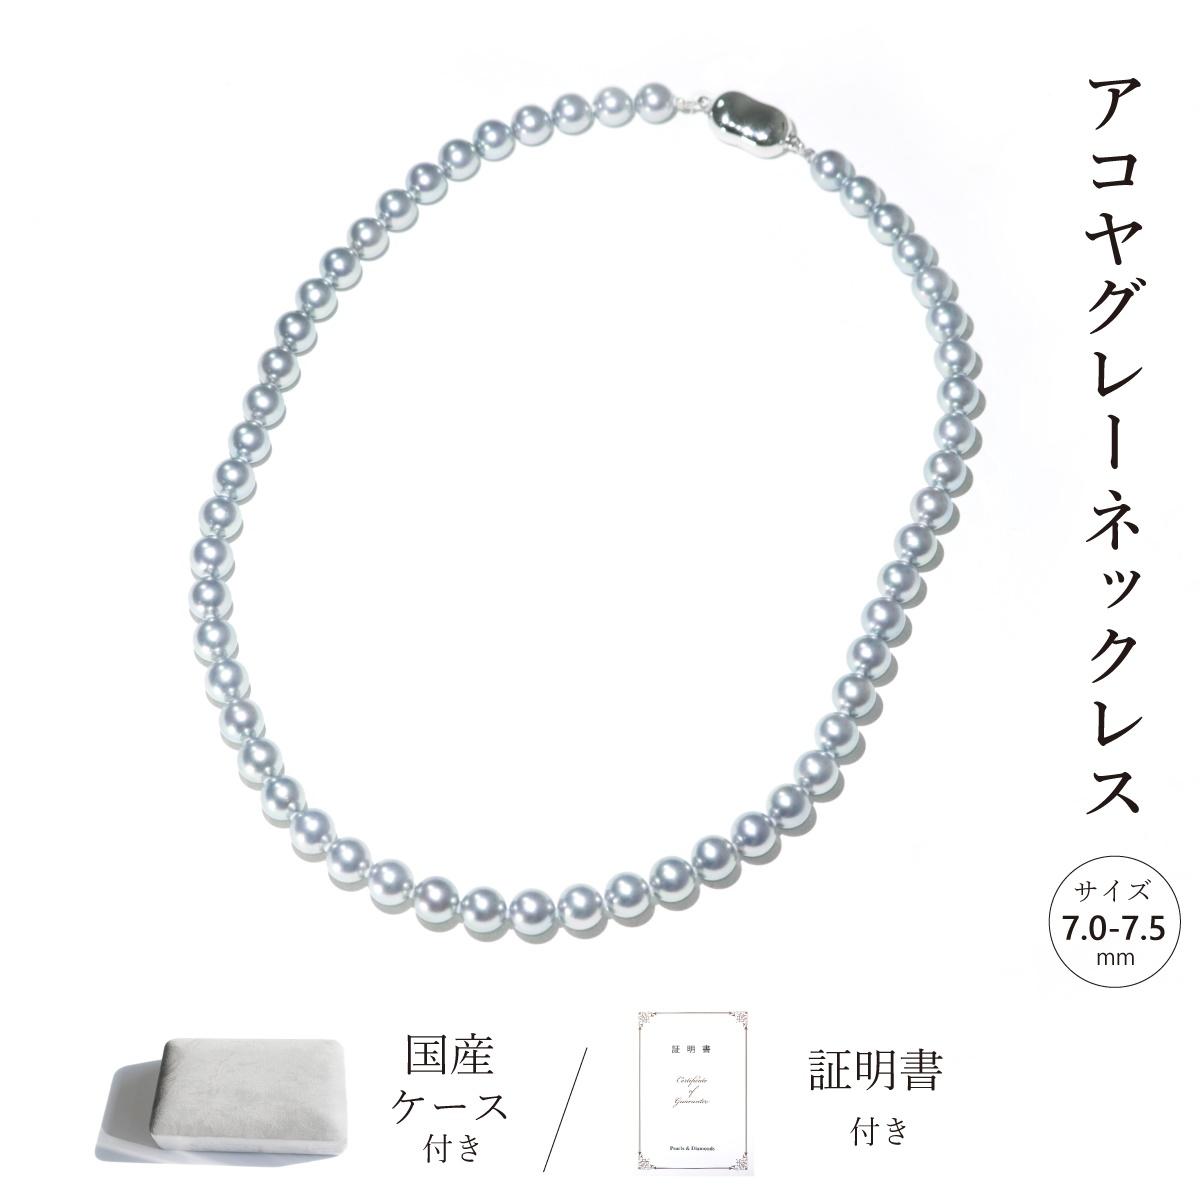 アコヤグレー真珠ネックレス